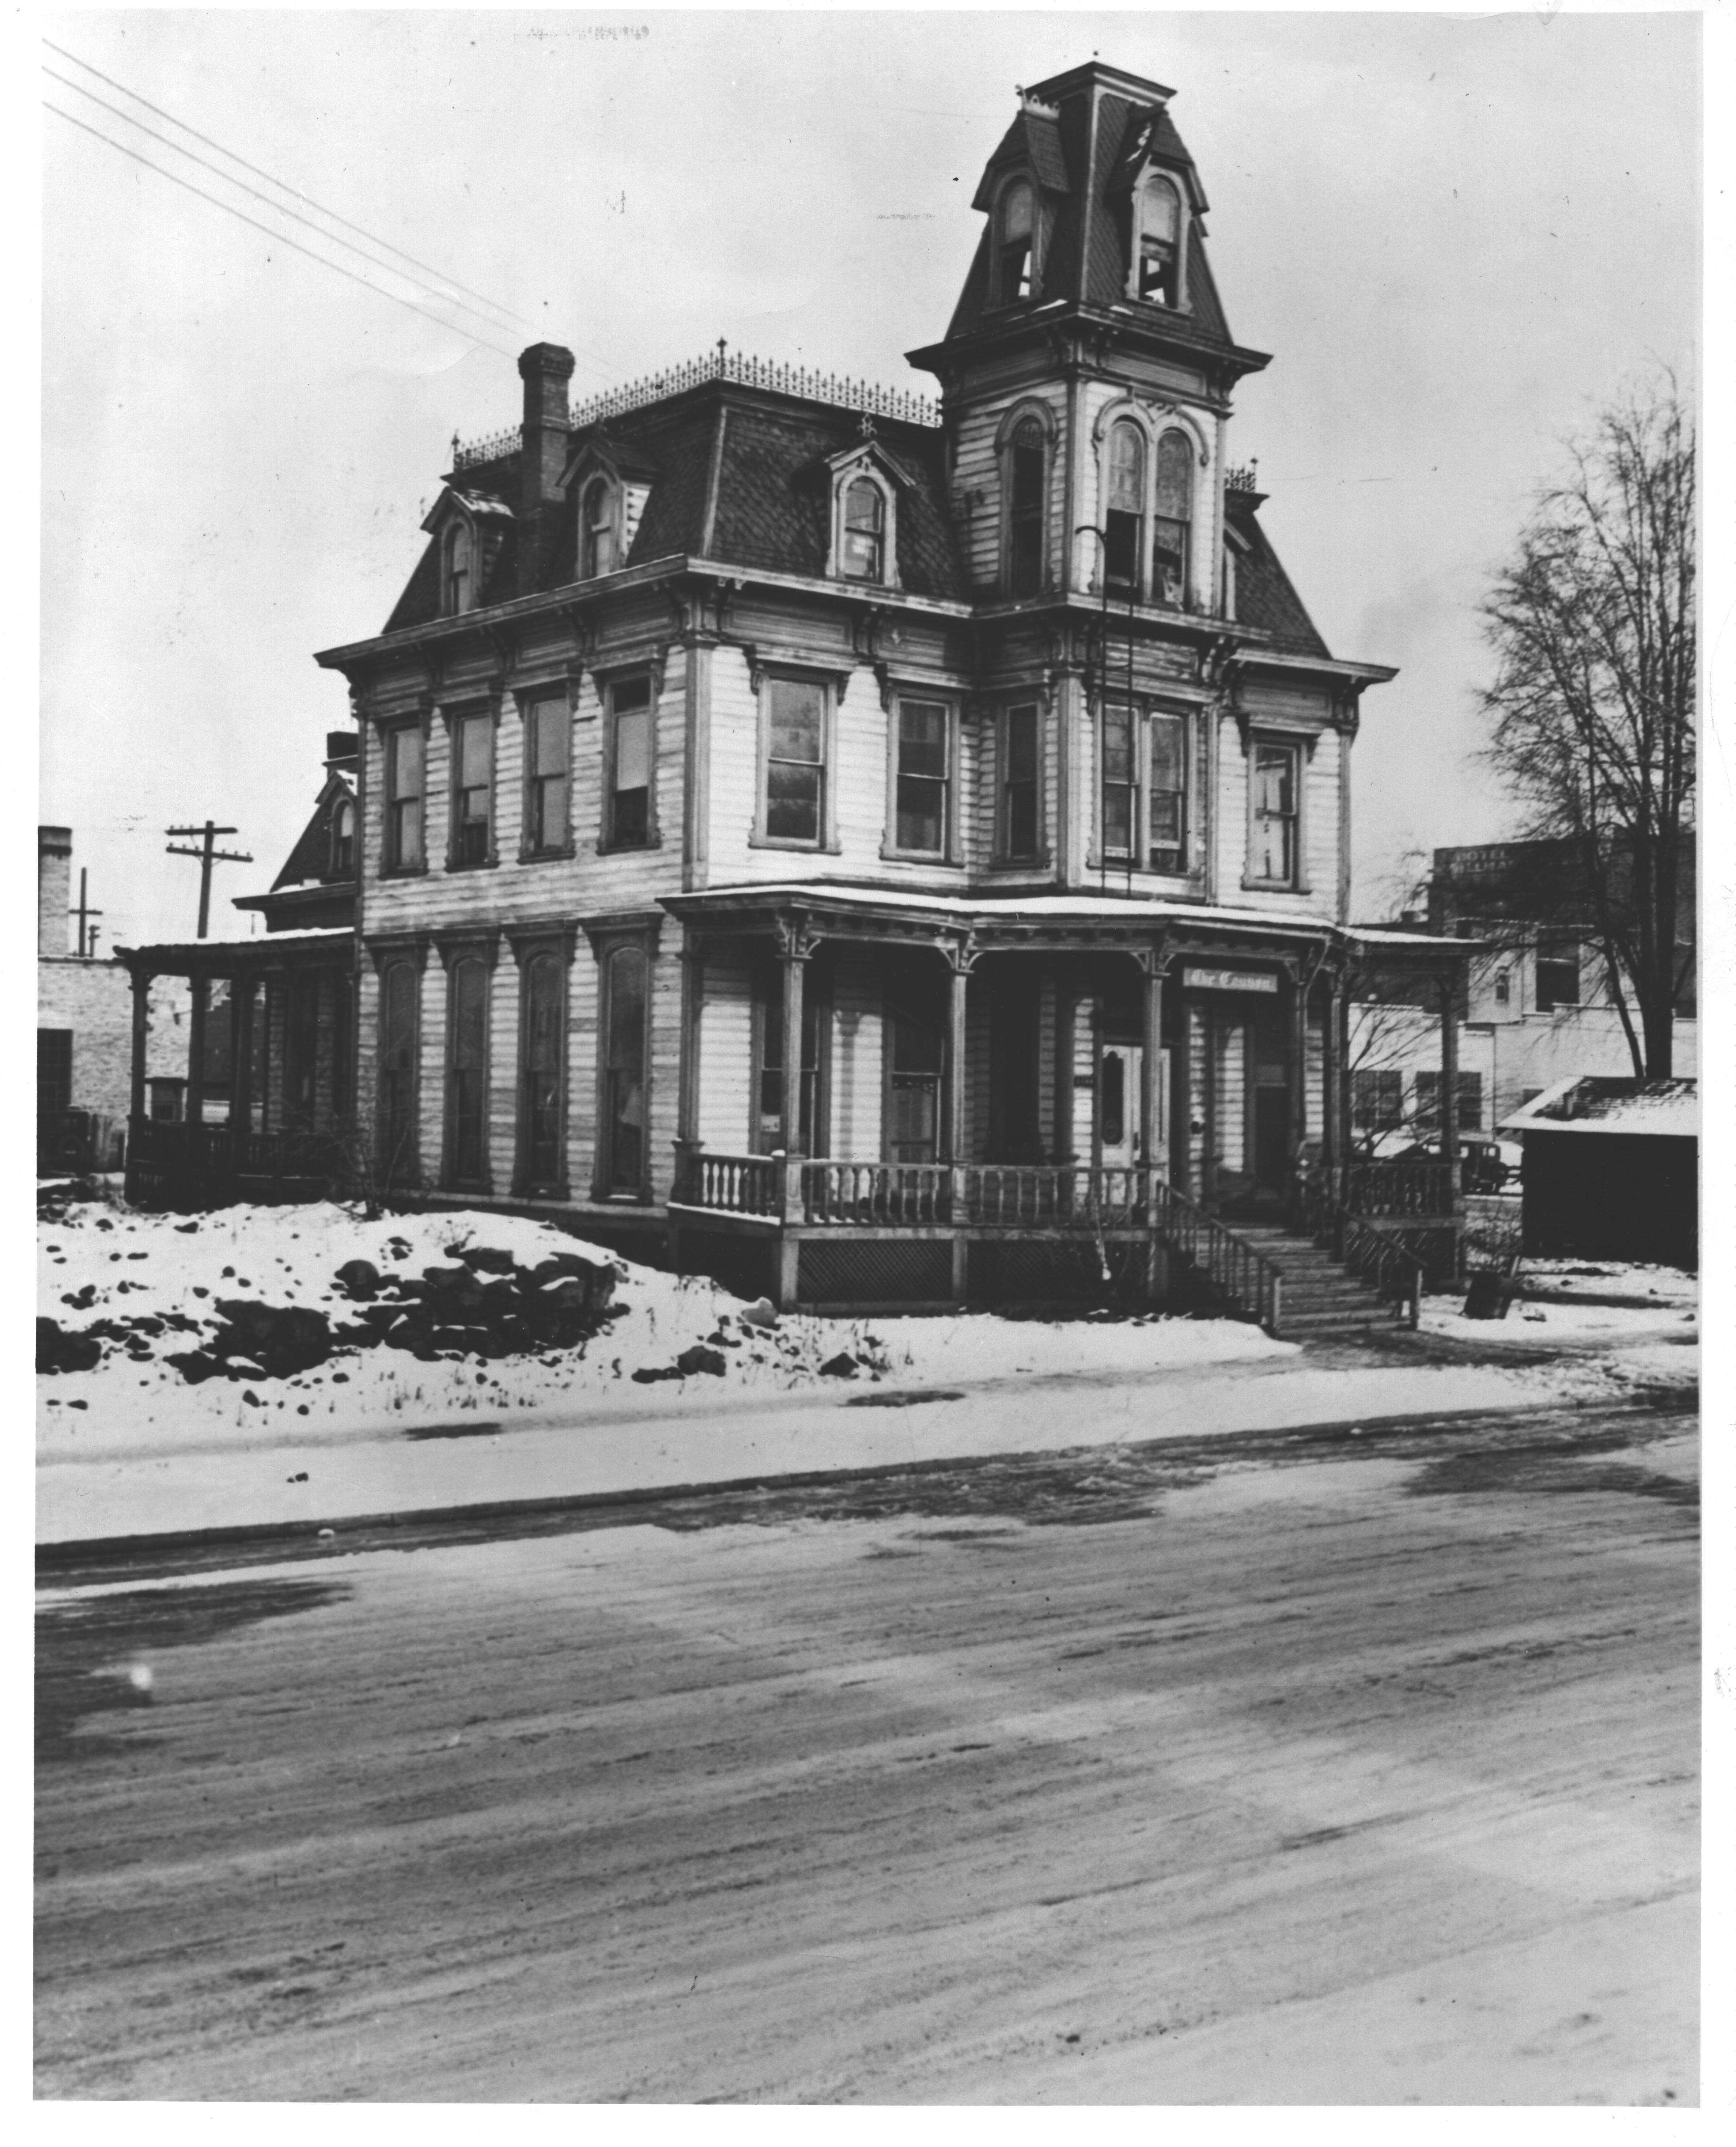 A. Cannon home, Spokane, WA, demolished